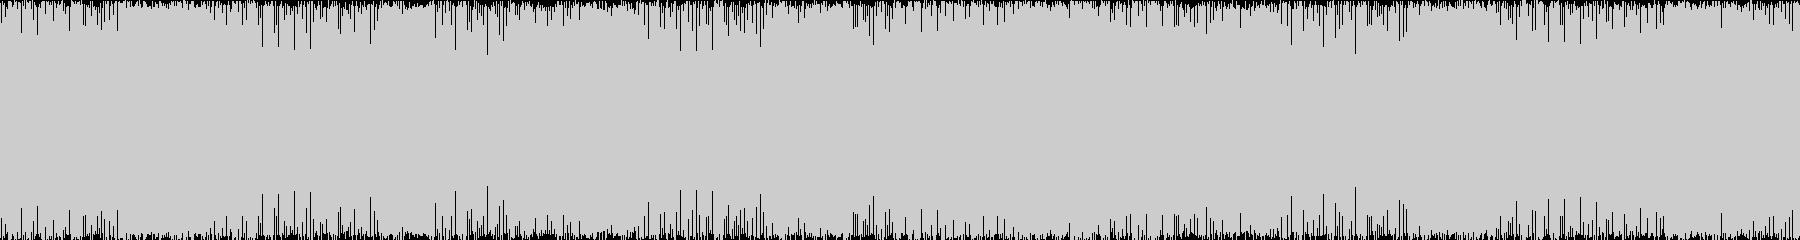 ゲーム用BGM 激しめのギターインストの未再生の波形